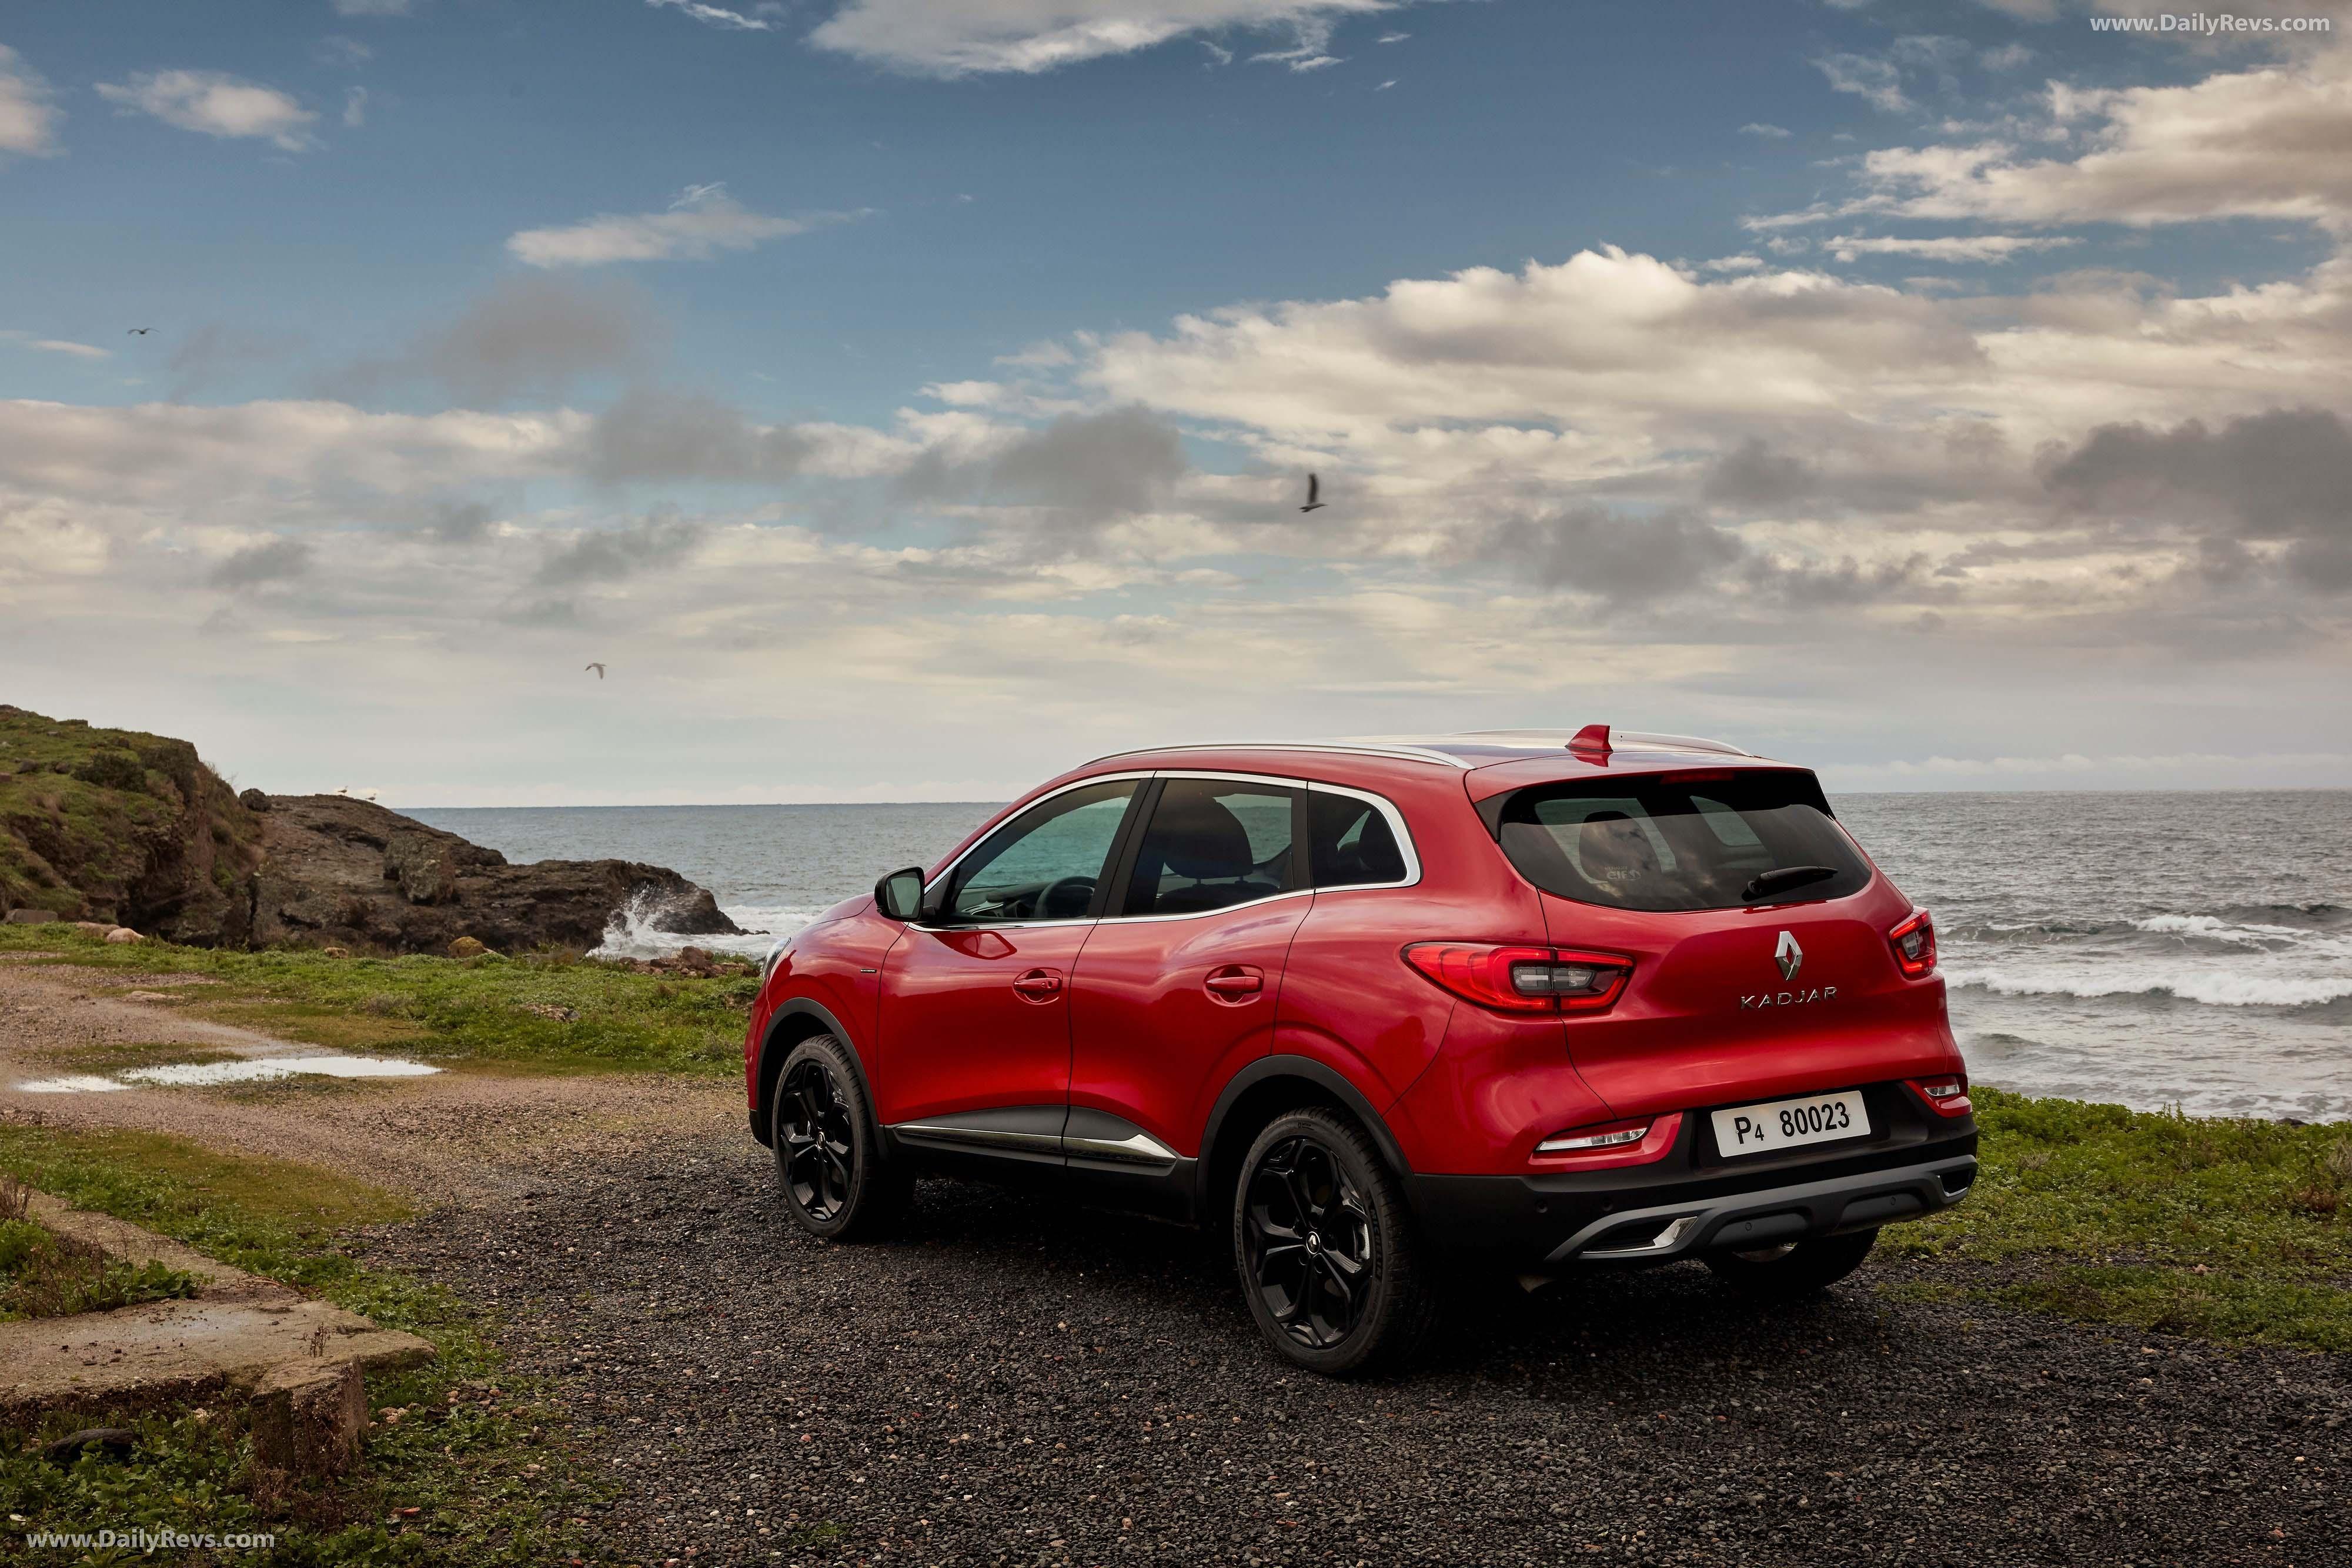 2019 Renault Kadjar - HD Pictures, Specs, Informations ...